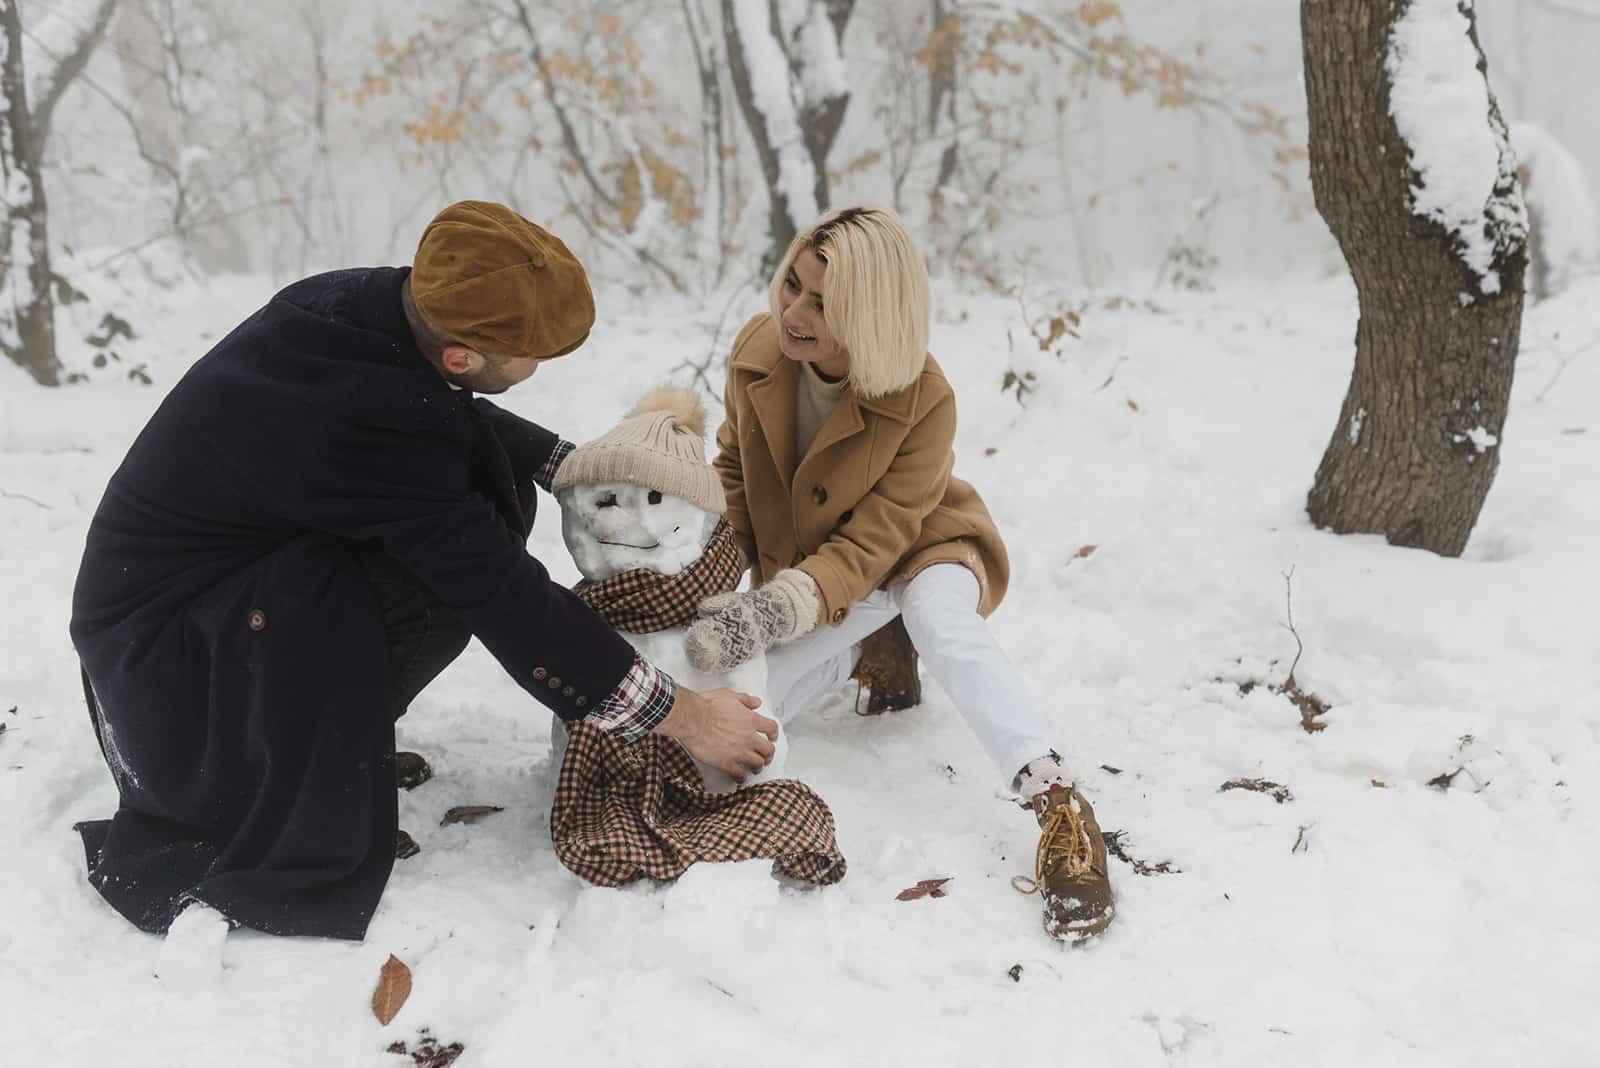 Ein Mann und eine Frau machen einen Schneemann im Park